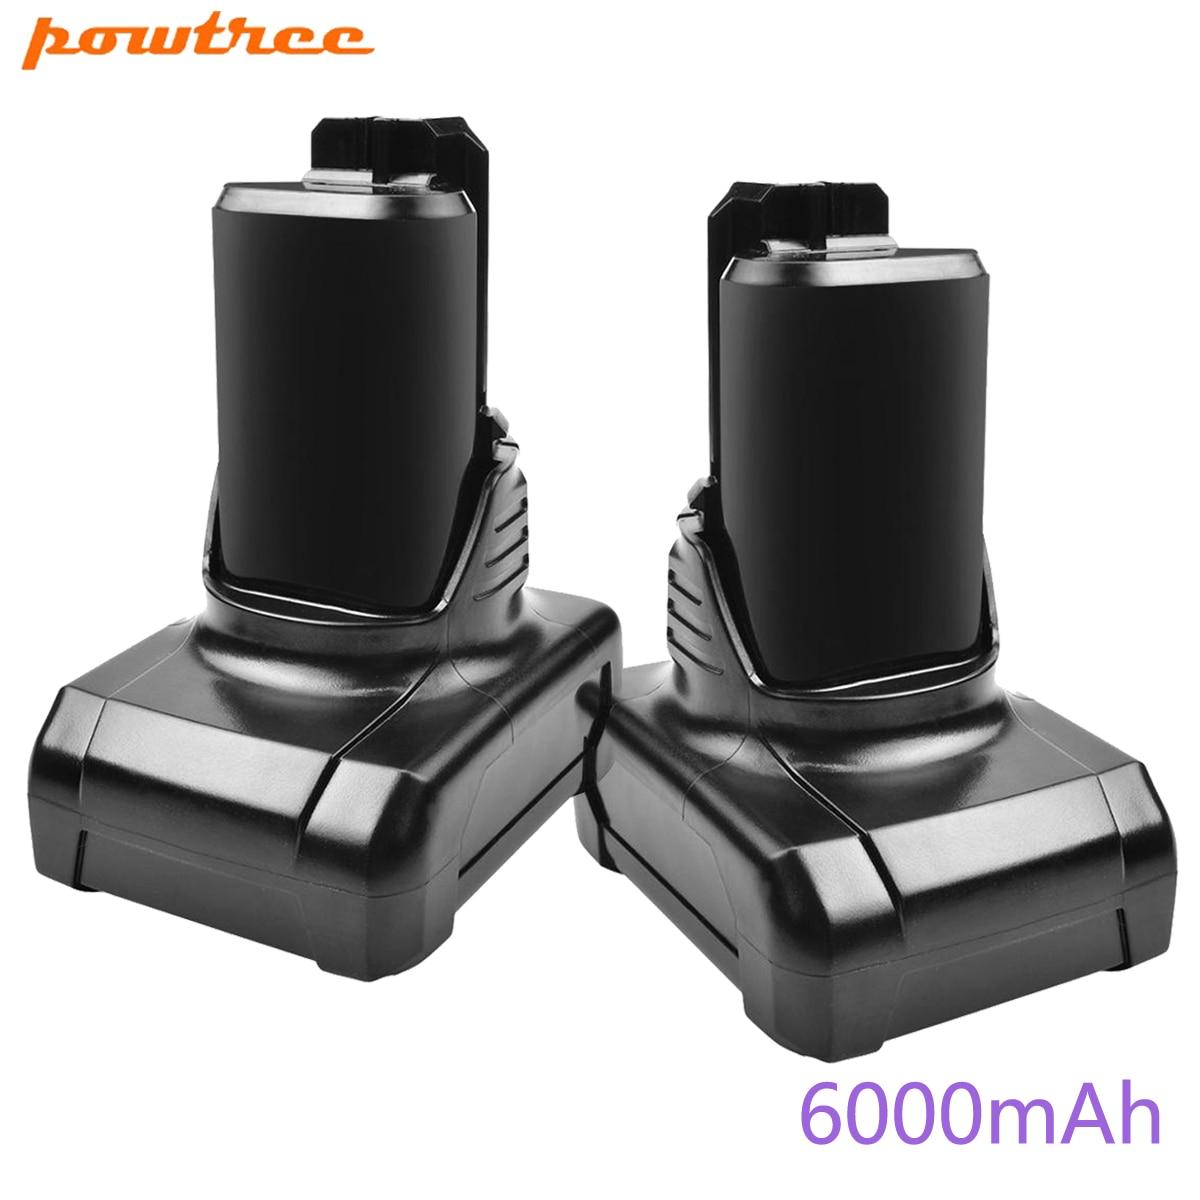 Powtree 4.0/6.0Ah Li-ion Replacement Battery for Bosch BAT411 BAT420 BAT412 BAT414 12V Max Tools